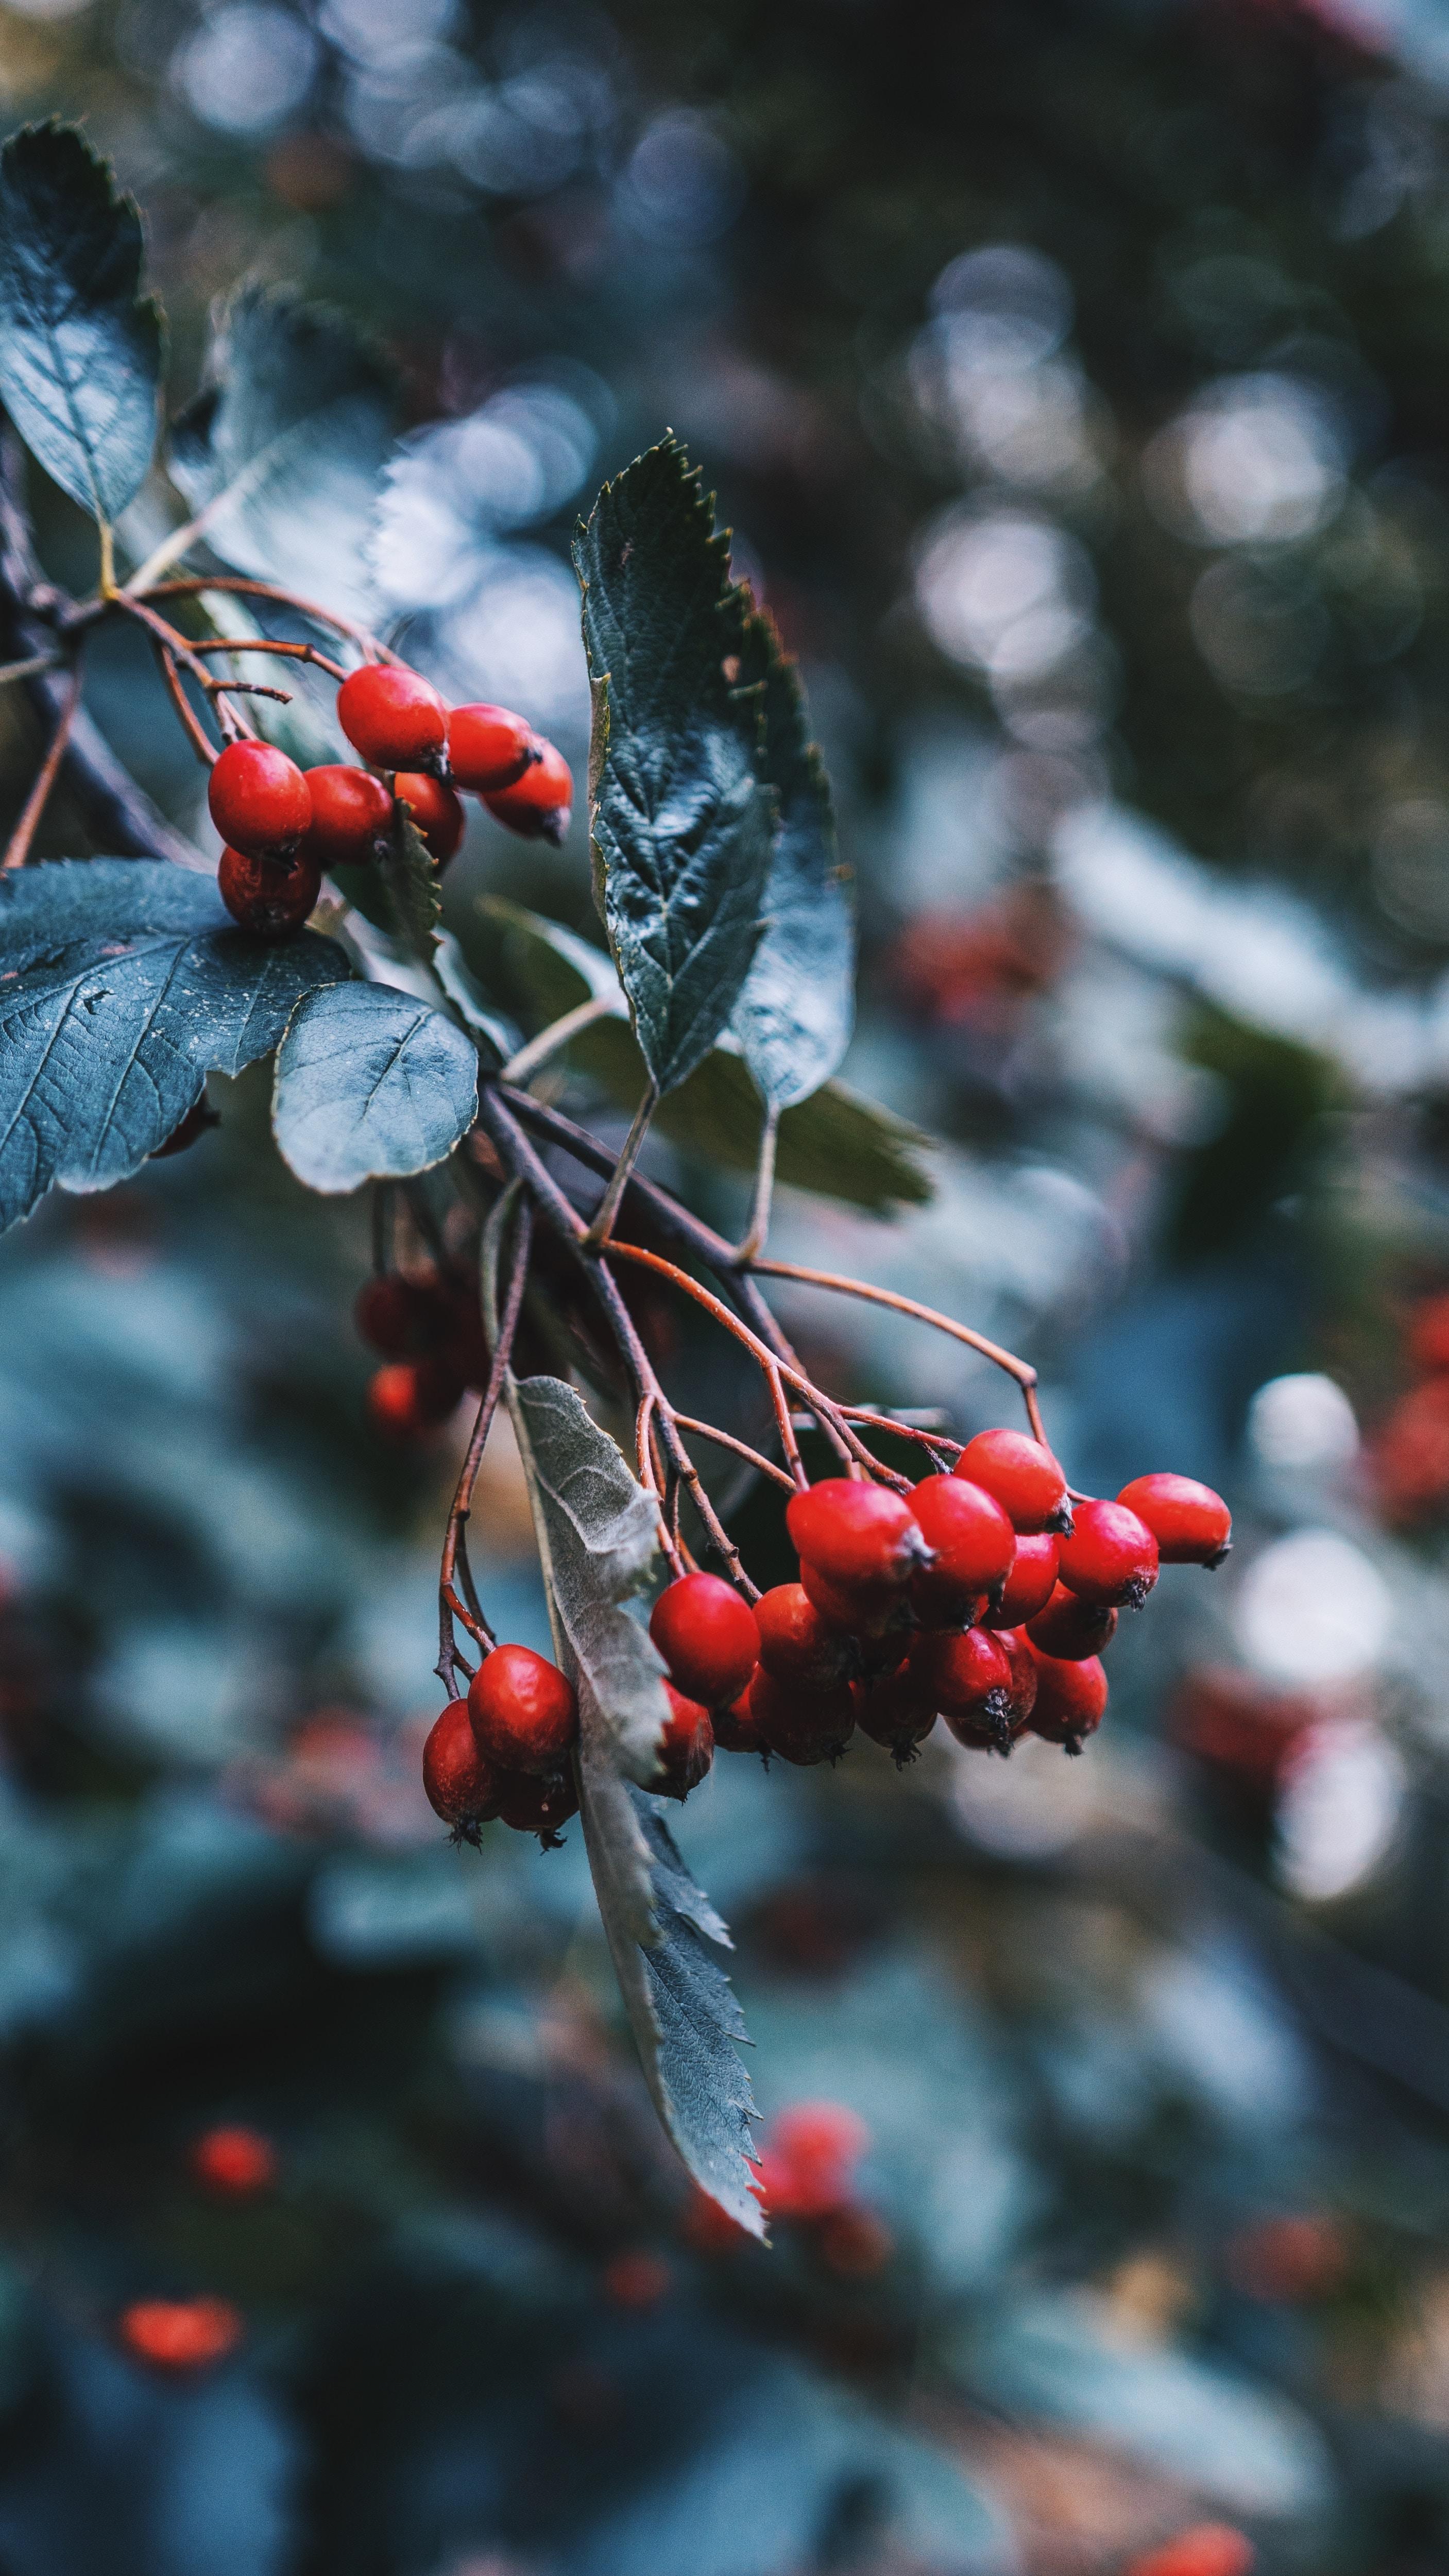 63584 скачать обои Ягоды, Шиповник, Растение, Макро, Красный, Ветка - заставки и картинки бесплатно